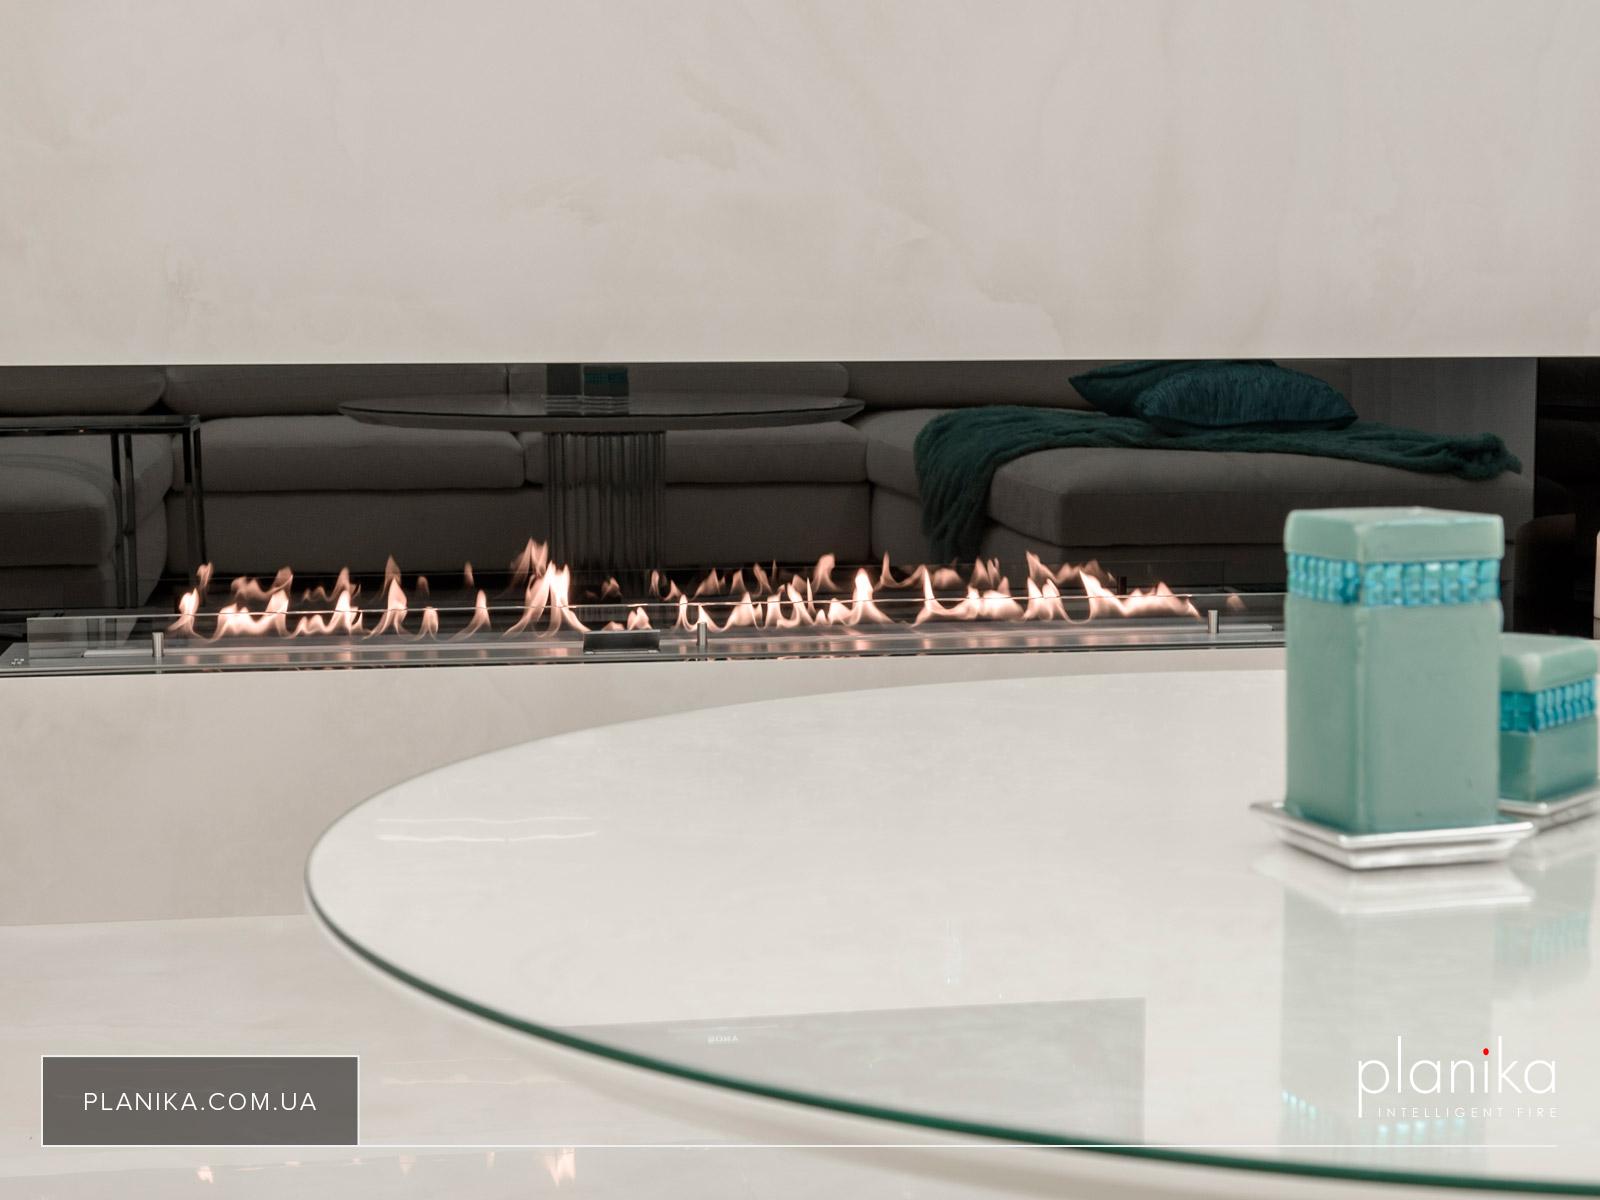 Автоматический биокамин Planika FLA 3 в индивидуальном размере 1800 мм цвет - нержавеющая сталь